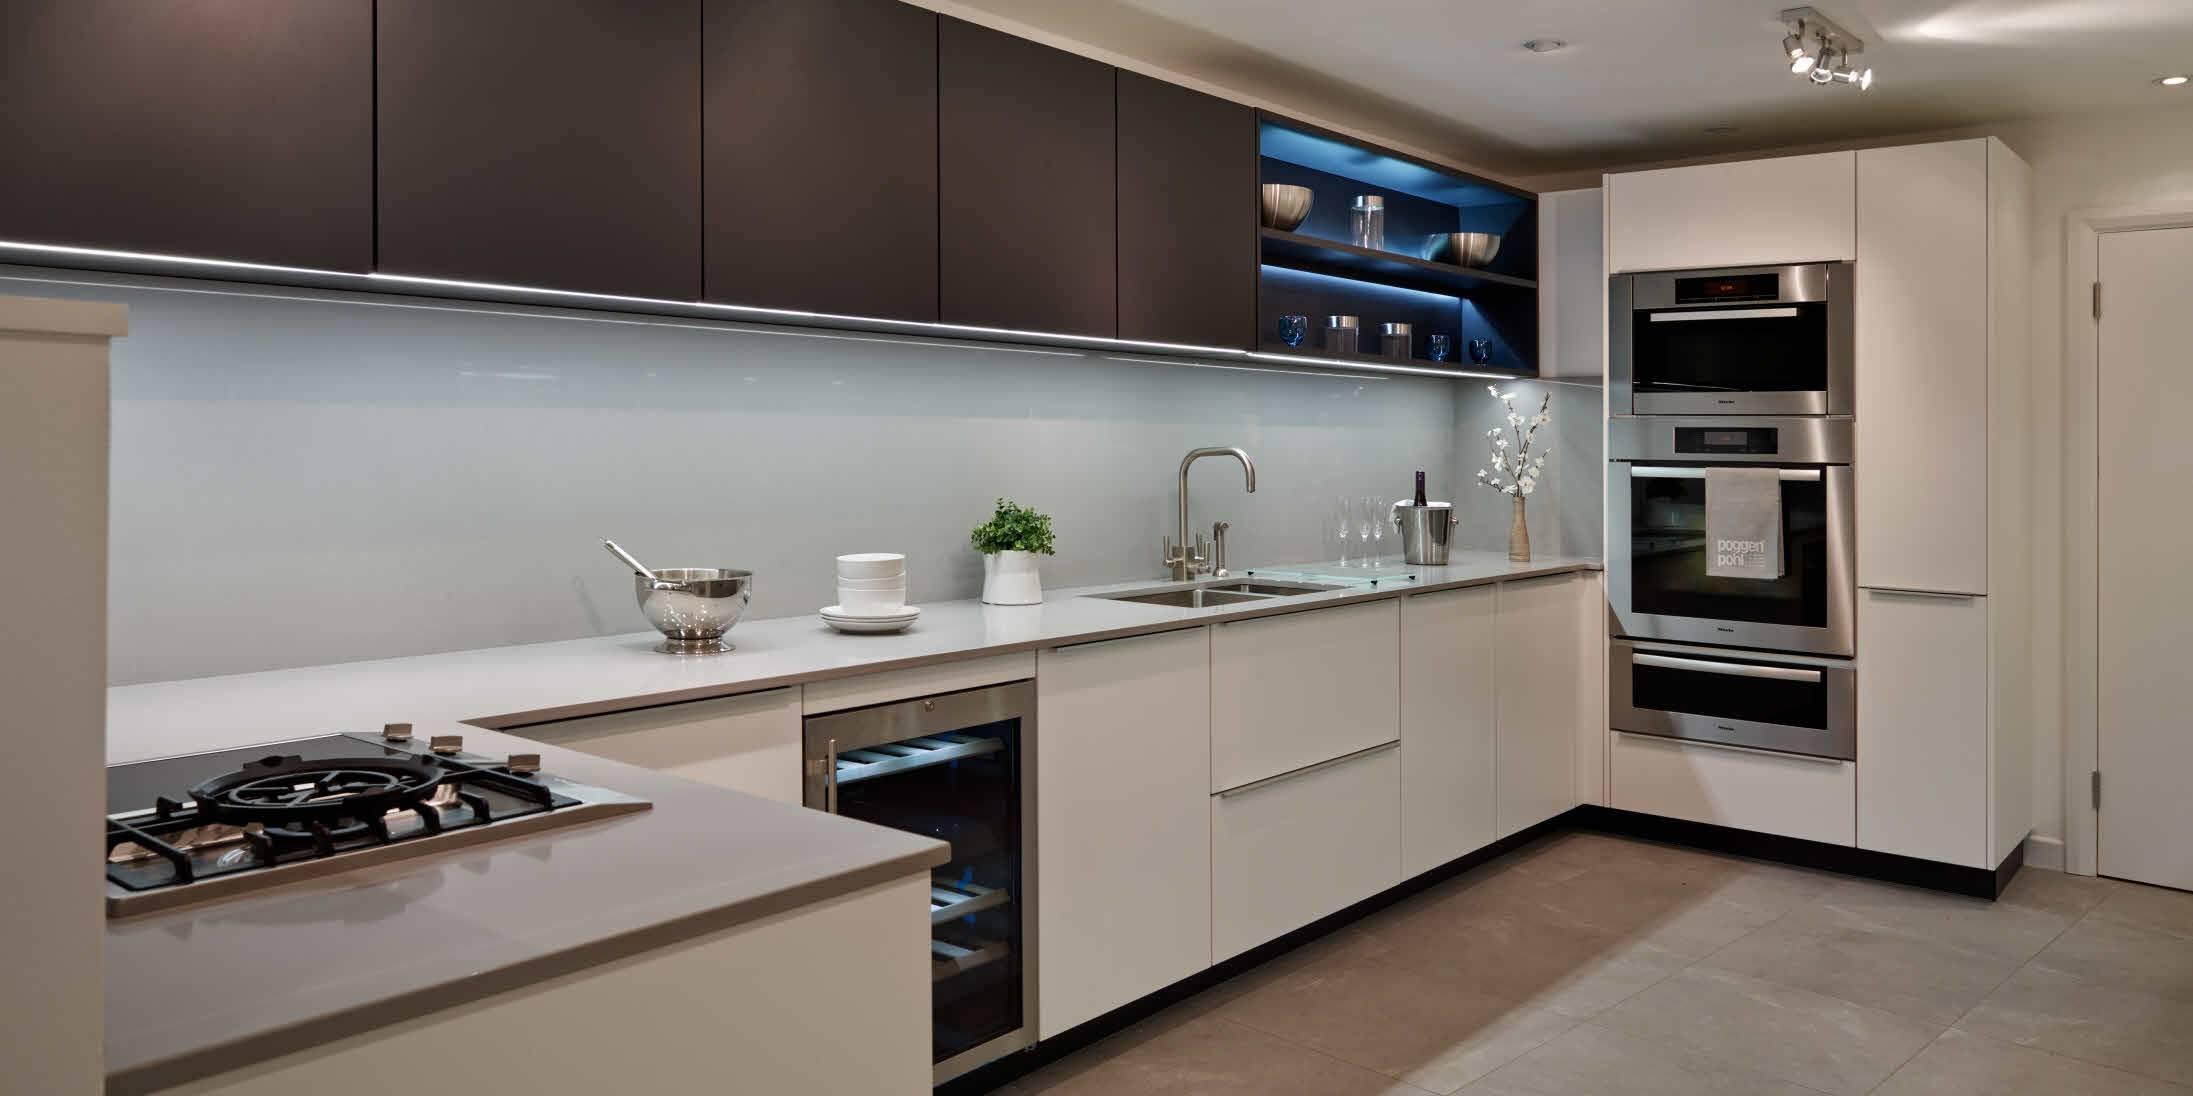 Poggenpohl Kitchen Studio Ultimate Kitchens Interior Shot Home Plans Blueprints 64563